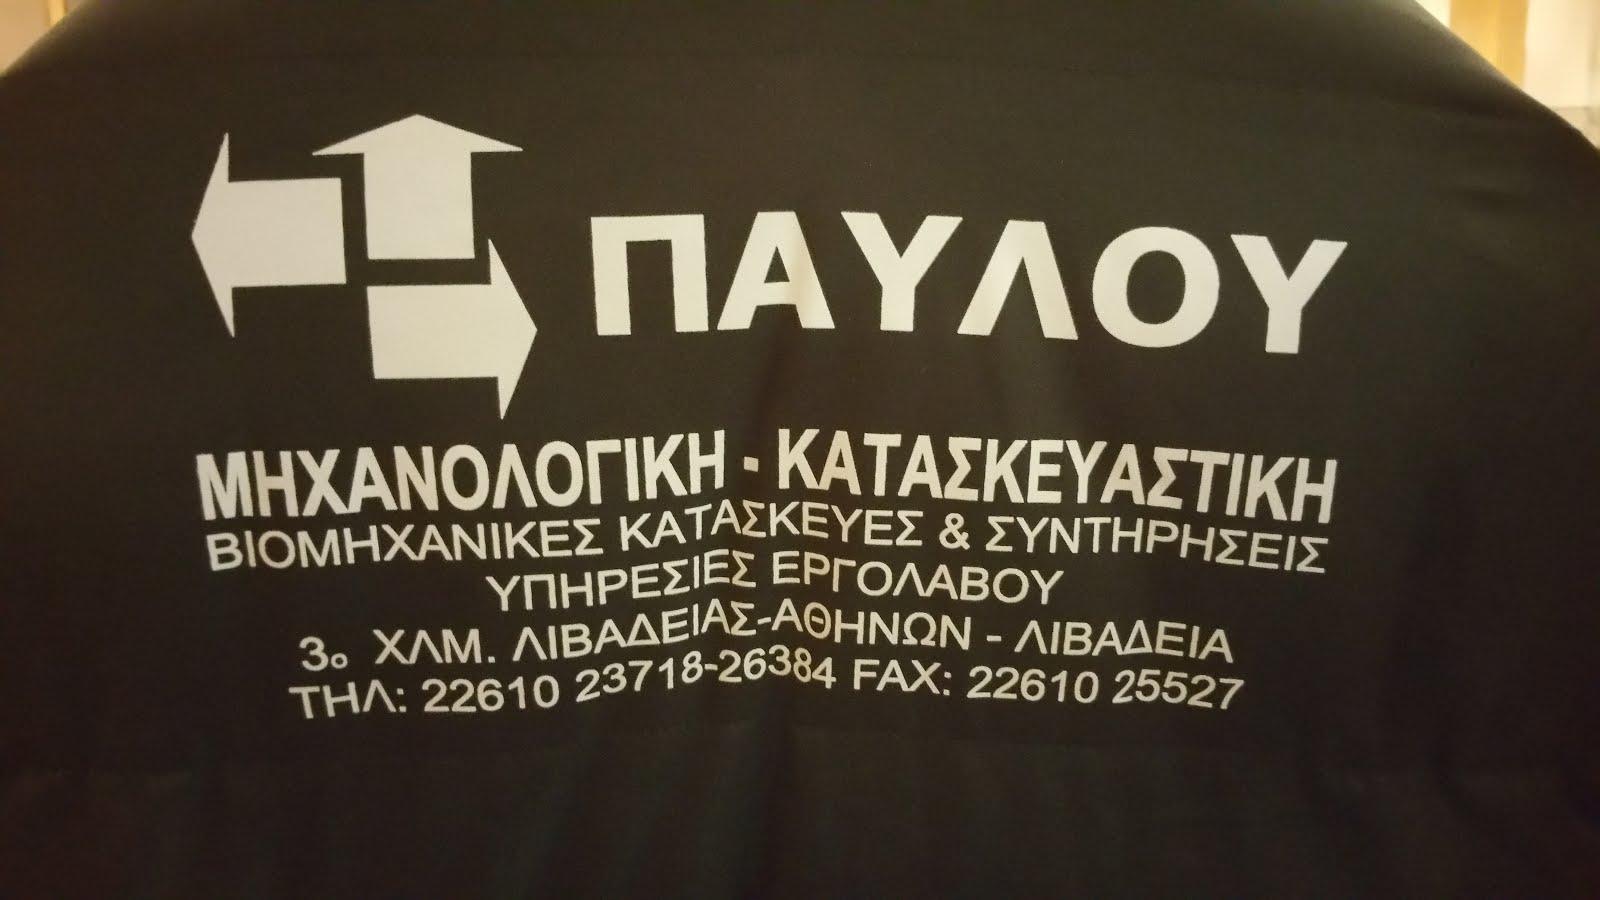 ΠΑΥΛΟΥ ΜΗΧΑΝΟΛΟΓΙΚΗ-ΚΑΤΑΣΚΕΥΑΣΤΙΚΗ